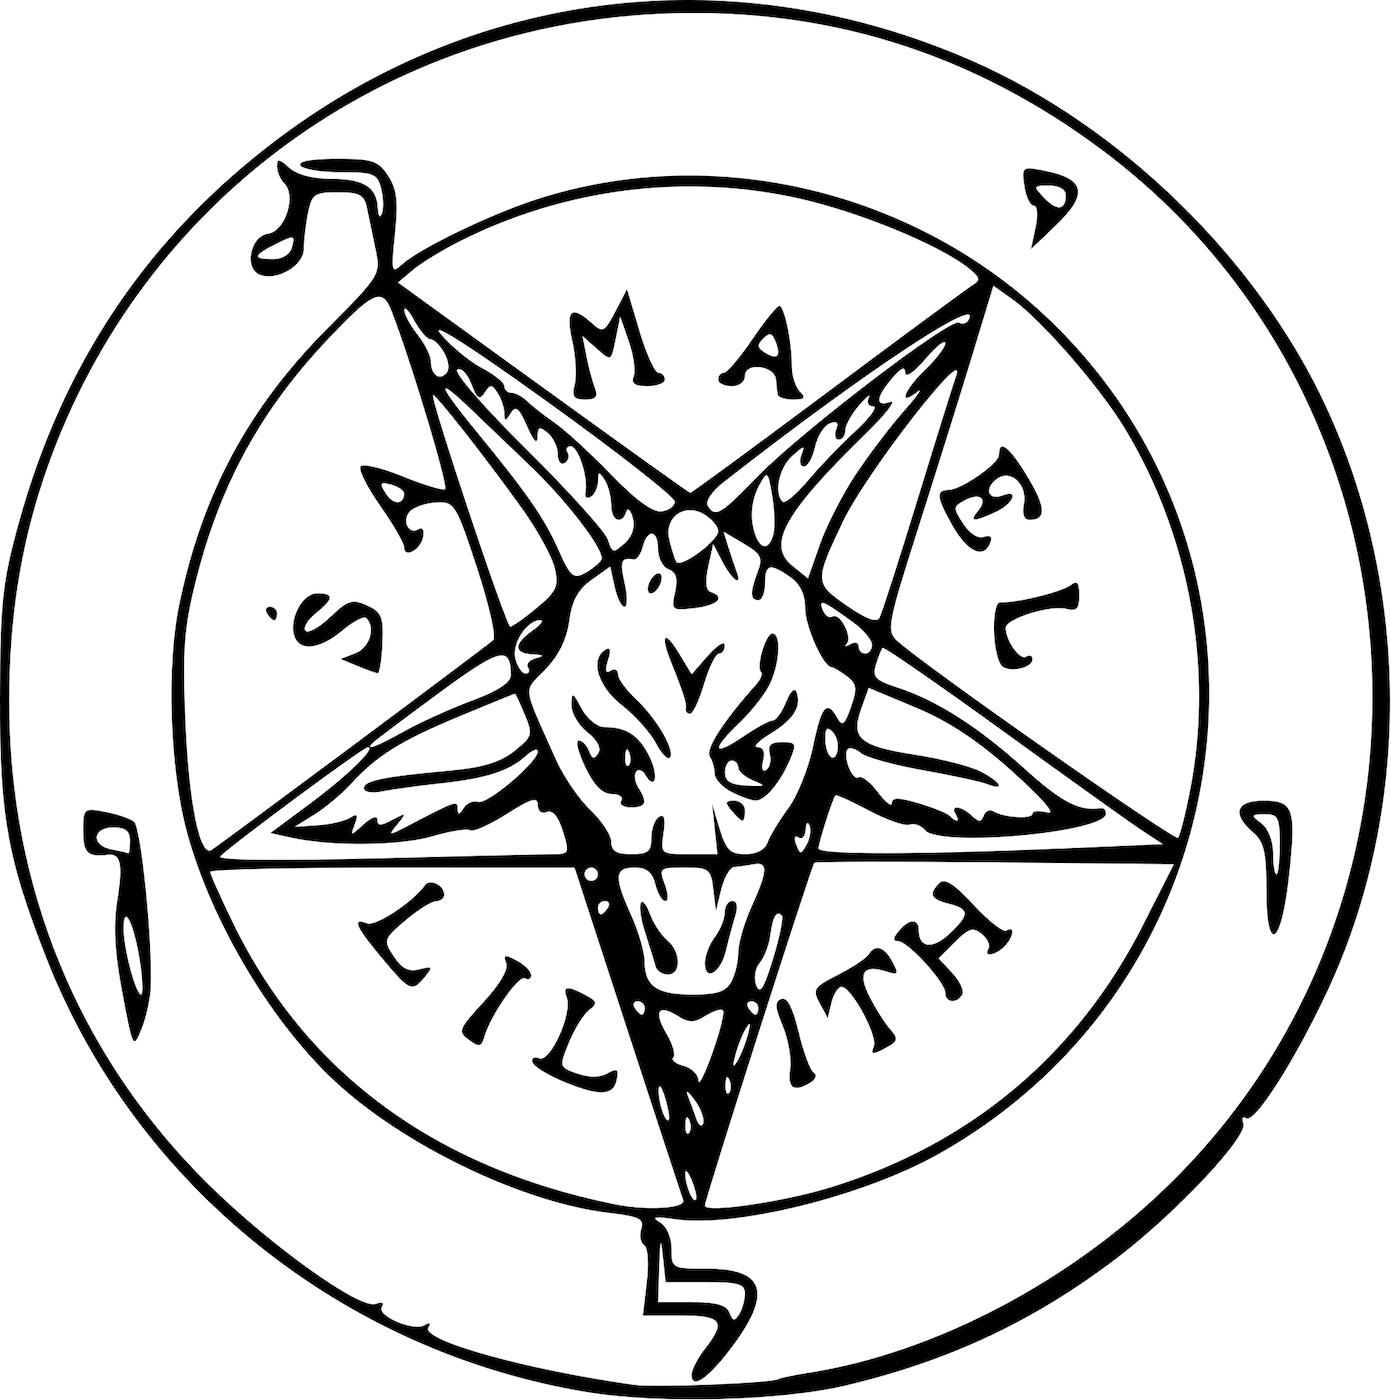 Seal of Baphomet